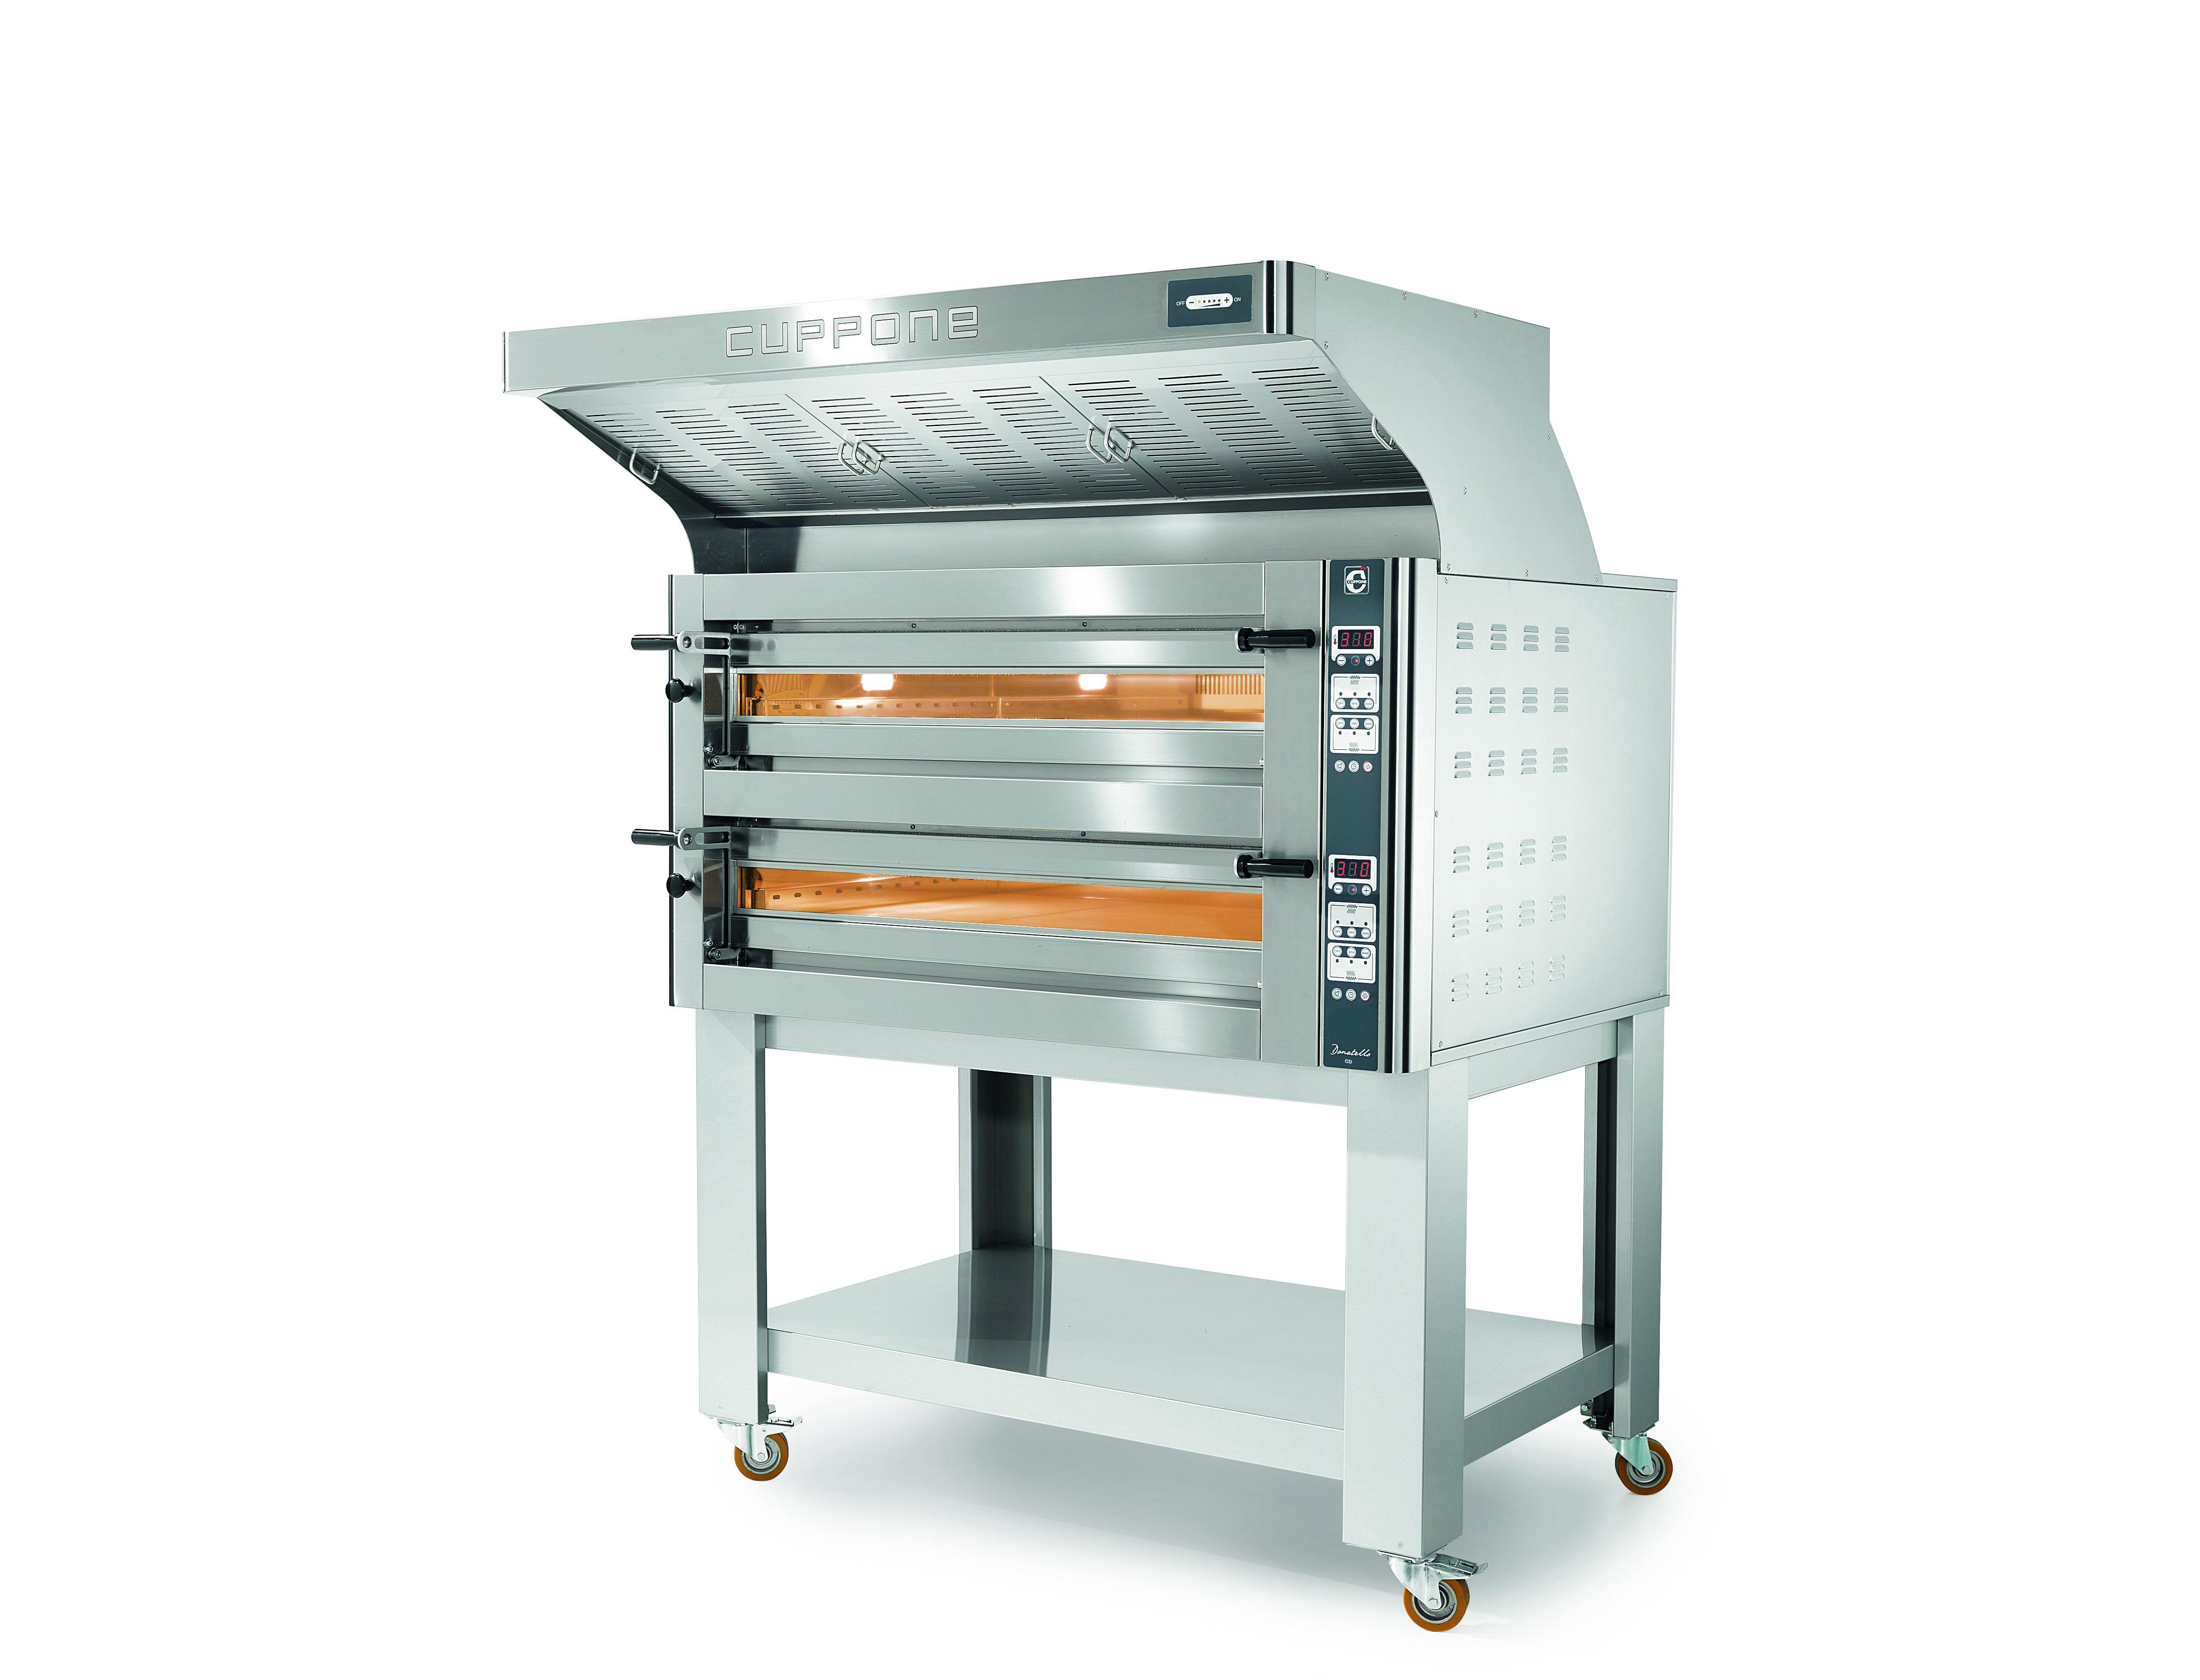 Cuppone Donatello Electric Deck Oven Pizza Equipment Pros